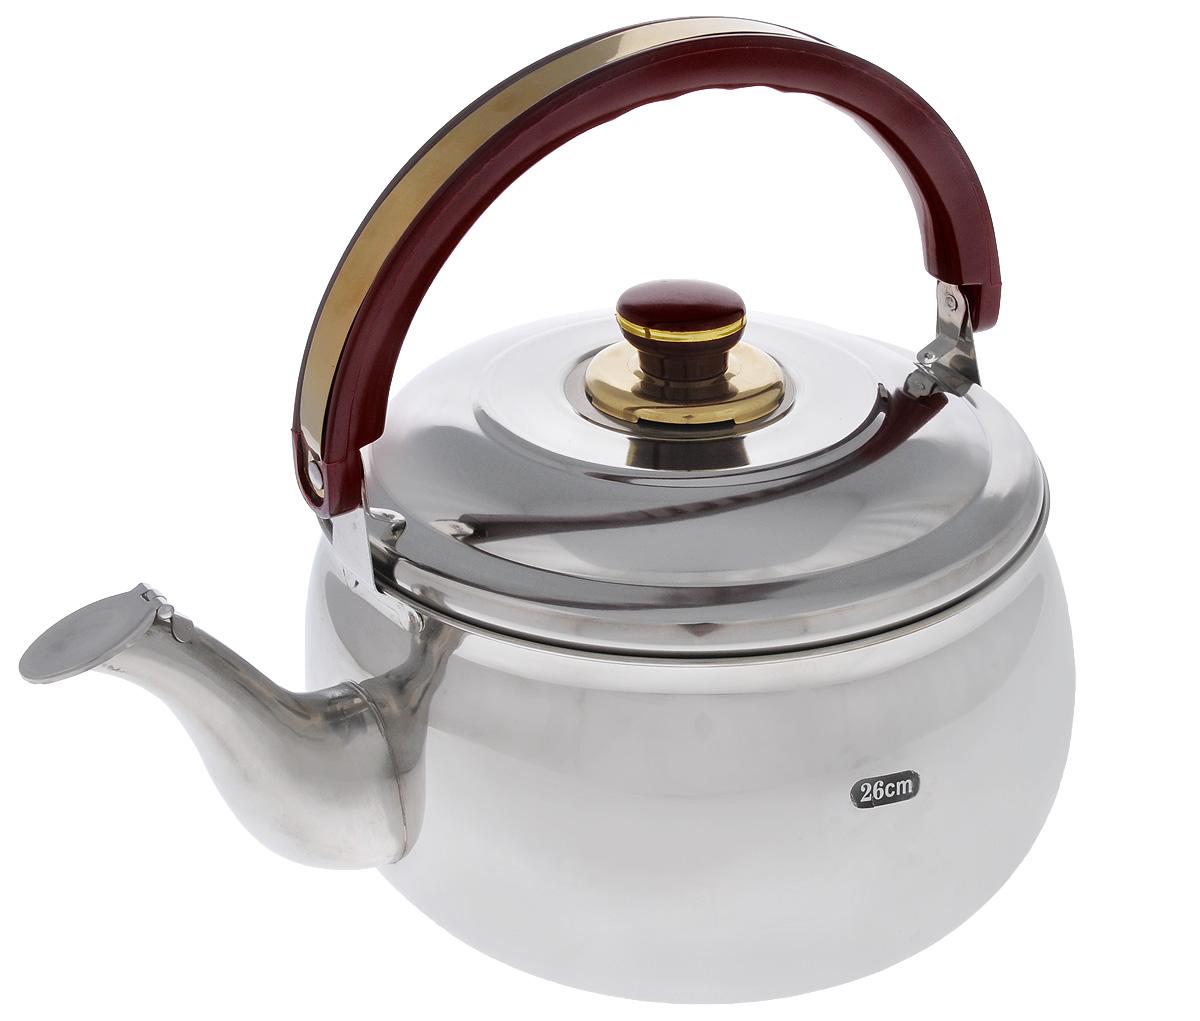 Чайник Mayer & Boch со свистком, 6 л. 79397939Чайник Mayer & Boch изготовлен из высококачественной нержавеющей стали, что делает его весьма гигиеничным и устойчивым к износу при длительном использовании. Гладкая и ровная поверхность существенно облегчает уход за посудой. Выполненный из качественных материалов чайник при кипячении сохраняет все полезные свойства воды. Металлические чайники прочны, красивы и прослужат вам много лет. Нержавеющая сталь не окисляется и не впитывает запахи, напитки всегда ароматные и имеют настоящий вкус. Подвижная ручка из бакелита делает использование чайника очень удобным и безопасным. Носик снабжен свистком, что позволит вам контролировать процесс подогрева или кипячения воды. Широкое верхнее отверстие поможет удобно налить в чайник воду. Эстетичный и функциональный, с эксклюзивным дизайном, чайник Mayer & Boch будет оригинально смотреться в любом интерьере. Подходит для всех типов плит, включая индукционные. Можно мыть в посудомоечной машине. Диаметр чайника (по верхнему краю): 22 см. Высота чайника (без учета крышки и ручки): 14,5 см. Высота чайника (с учетом ручки): 29,5 см.